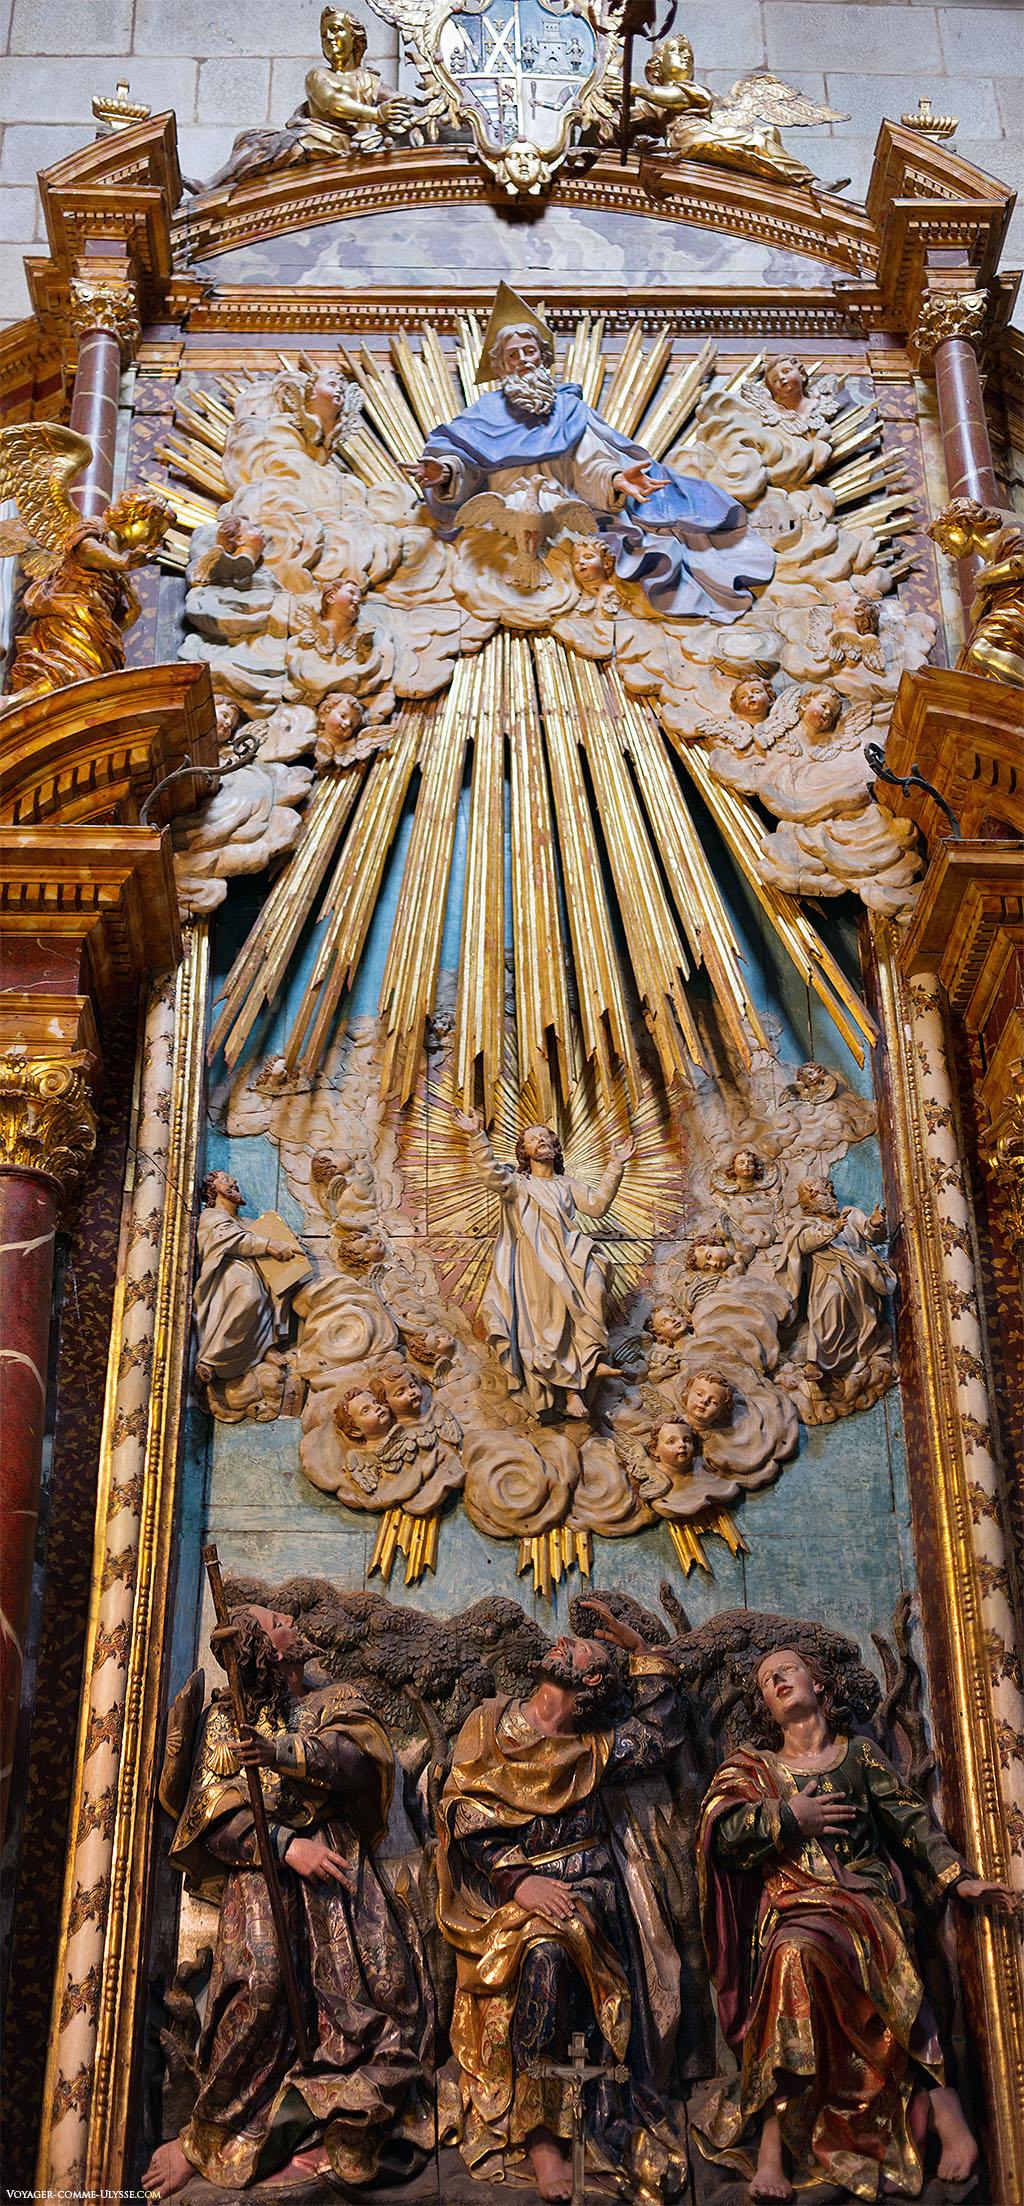 A Capela de Alba, acessível a partir do claustro, possui um magnífico retábulo do século XVIII representando a transfiguração de Jesus. Reconhece-se em baixo os seus três discípulos, testemunhando a transfiguração. Pedro, Tiago, e João. Jesus é ladeado por Moisés e Elias.